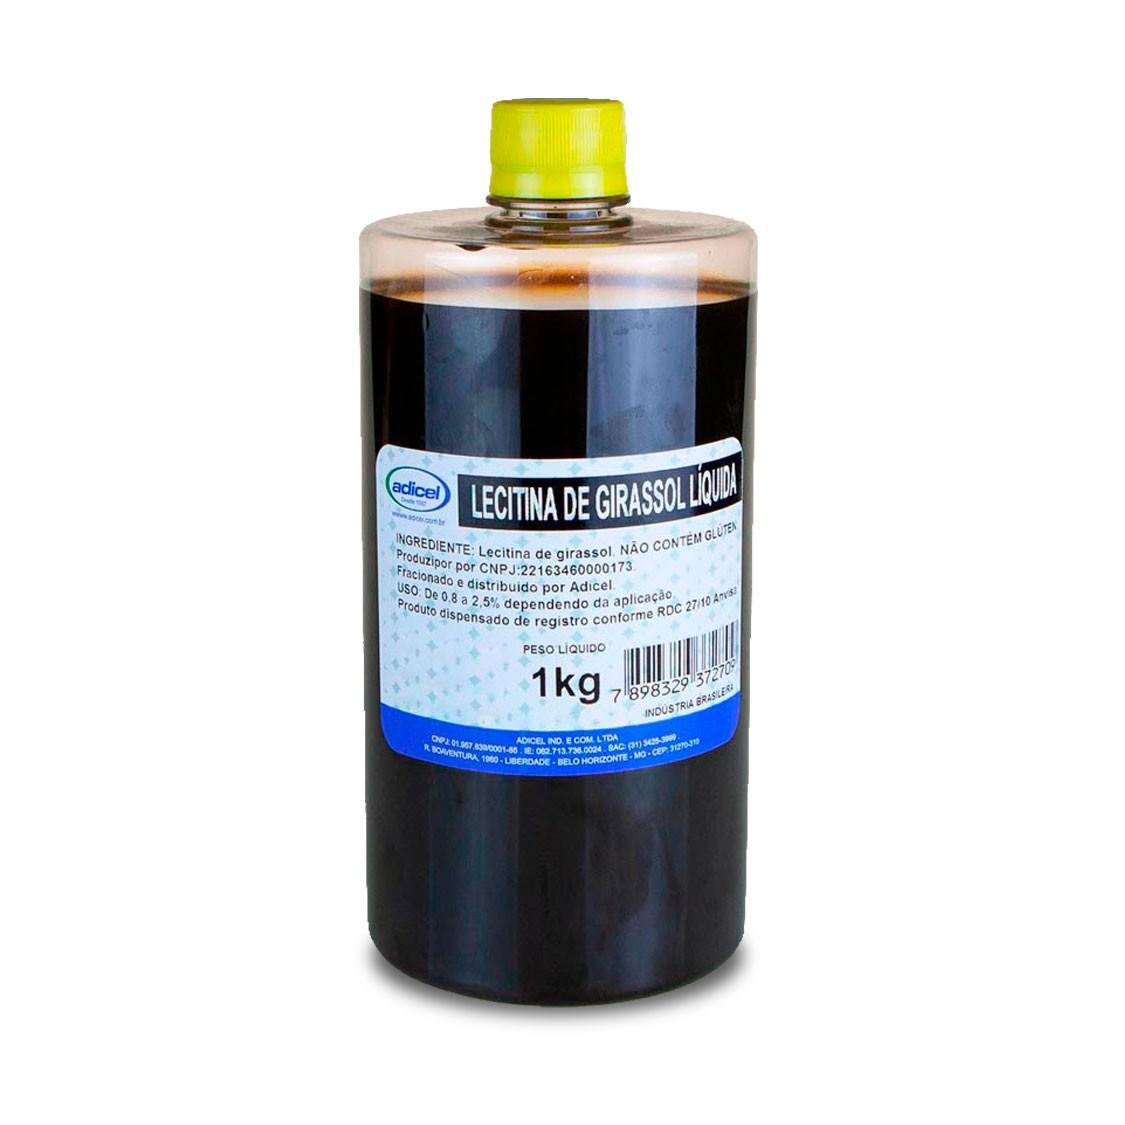 Lecitina De Girassol Líquida - 1 kg